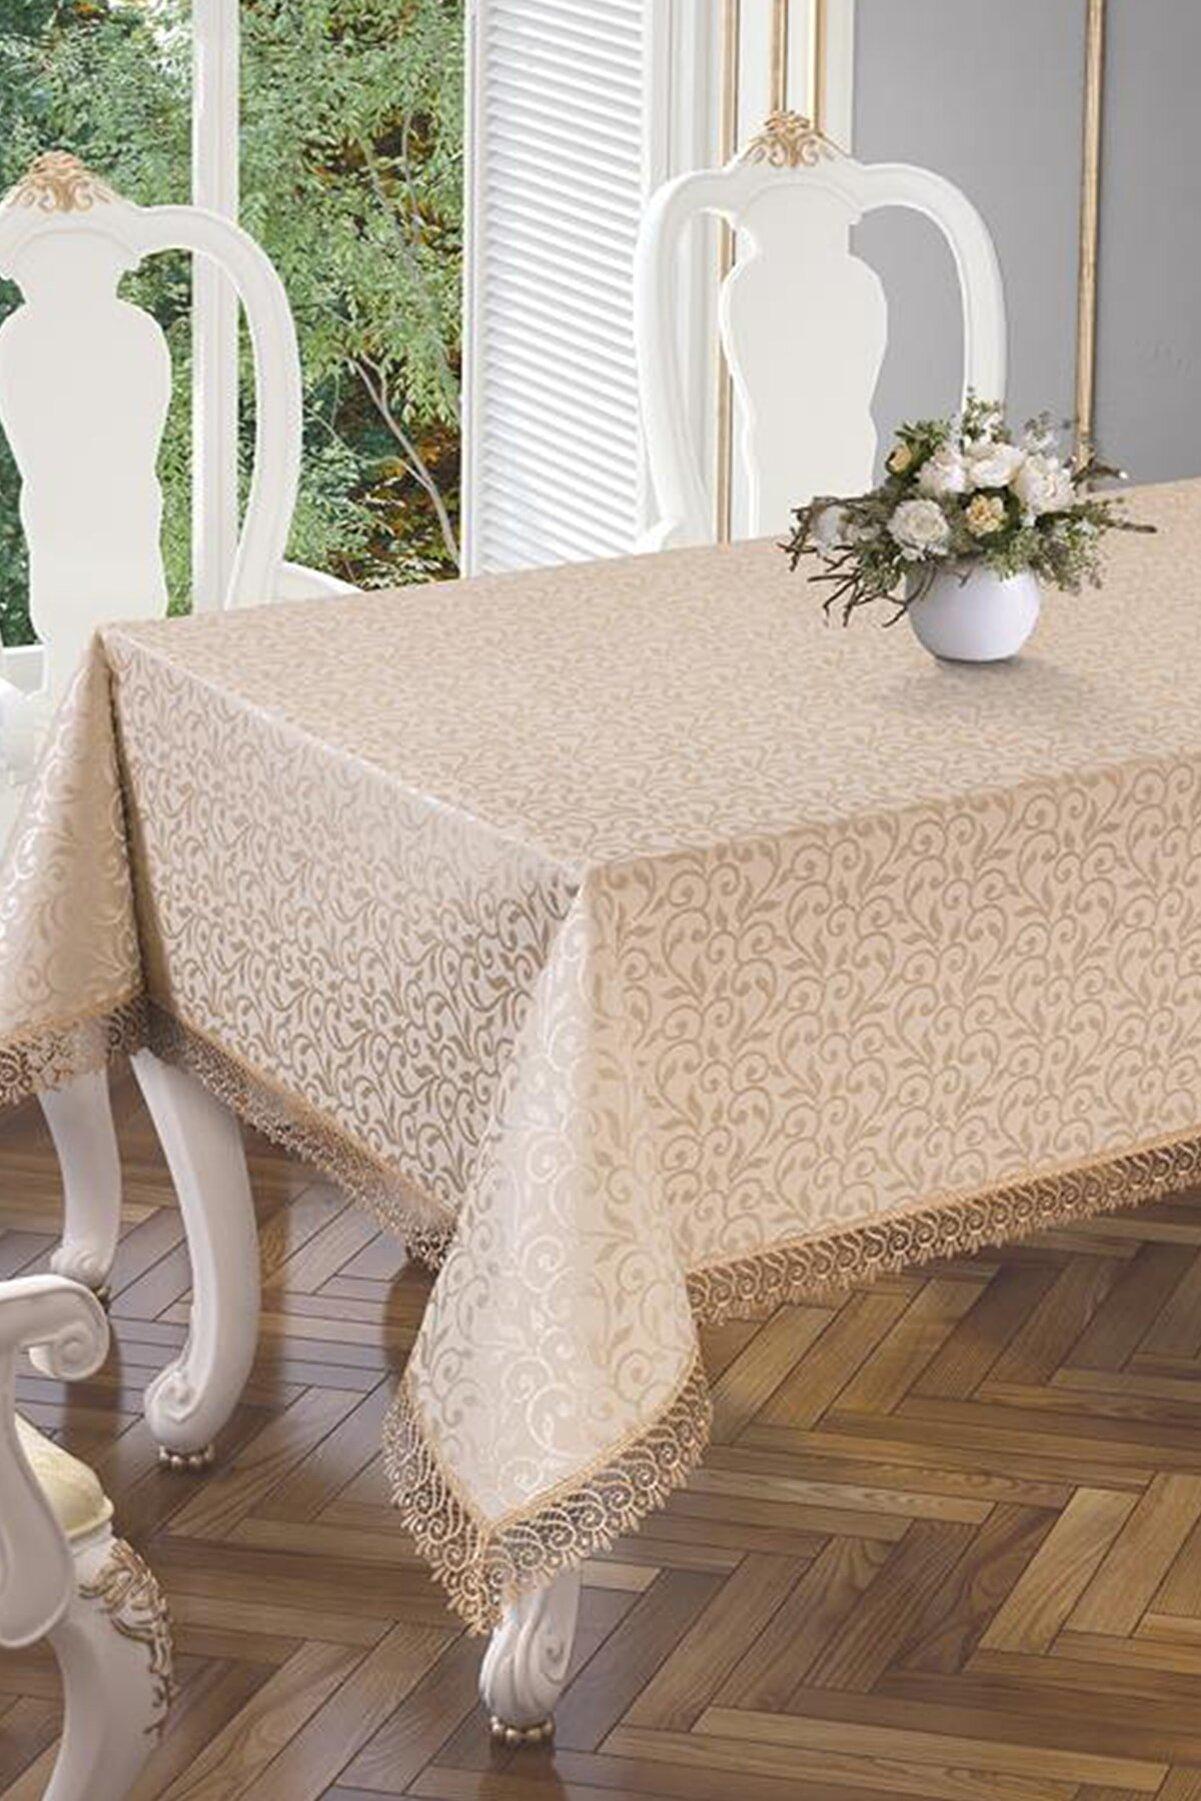 Çeyiz Diyarı Kdk Dertsiz Es Güpürlü Masa Örtüsü - Cappucino